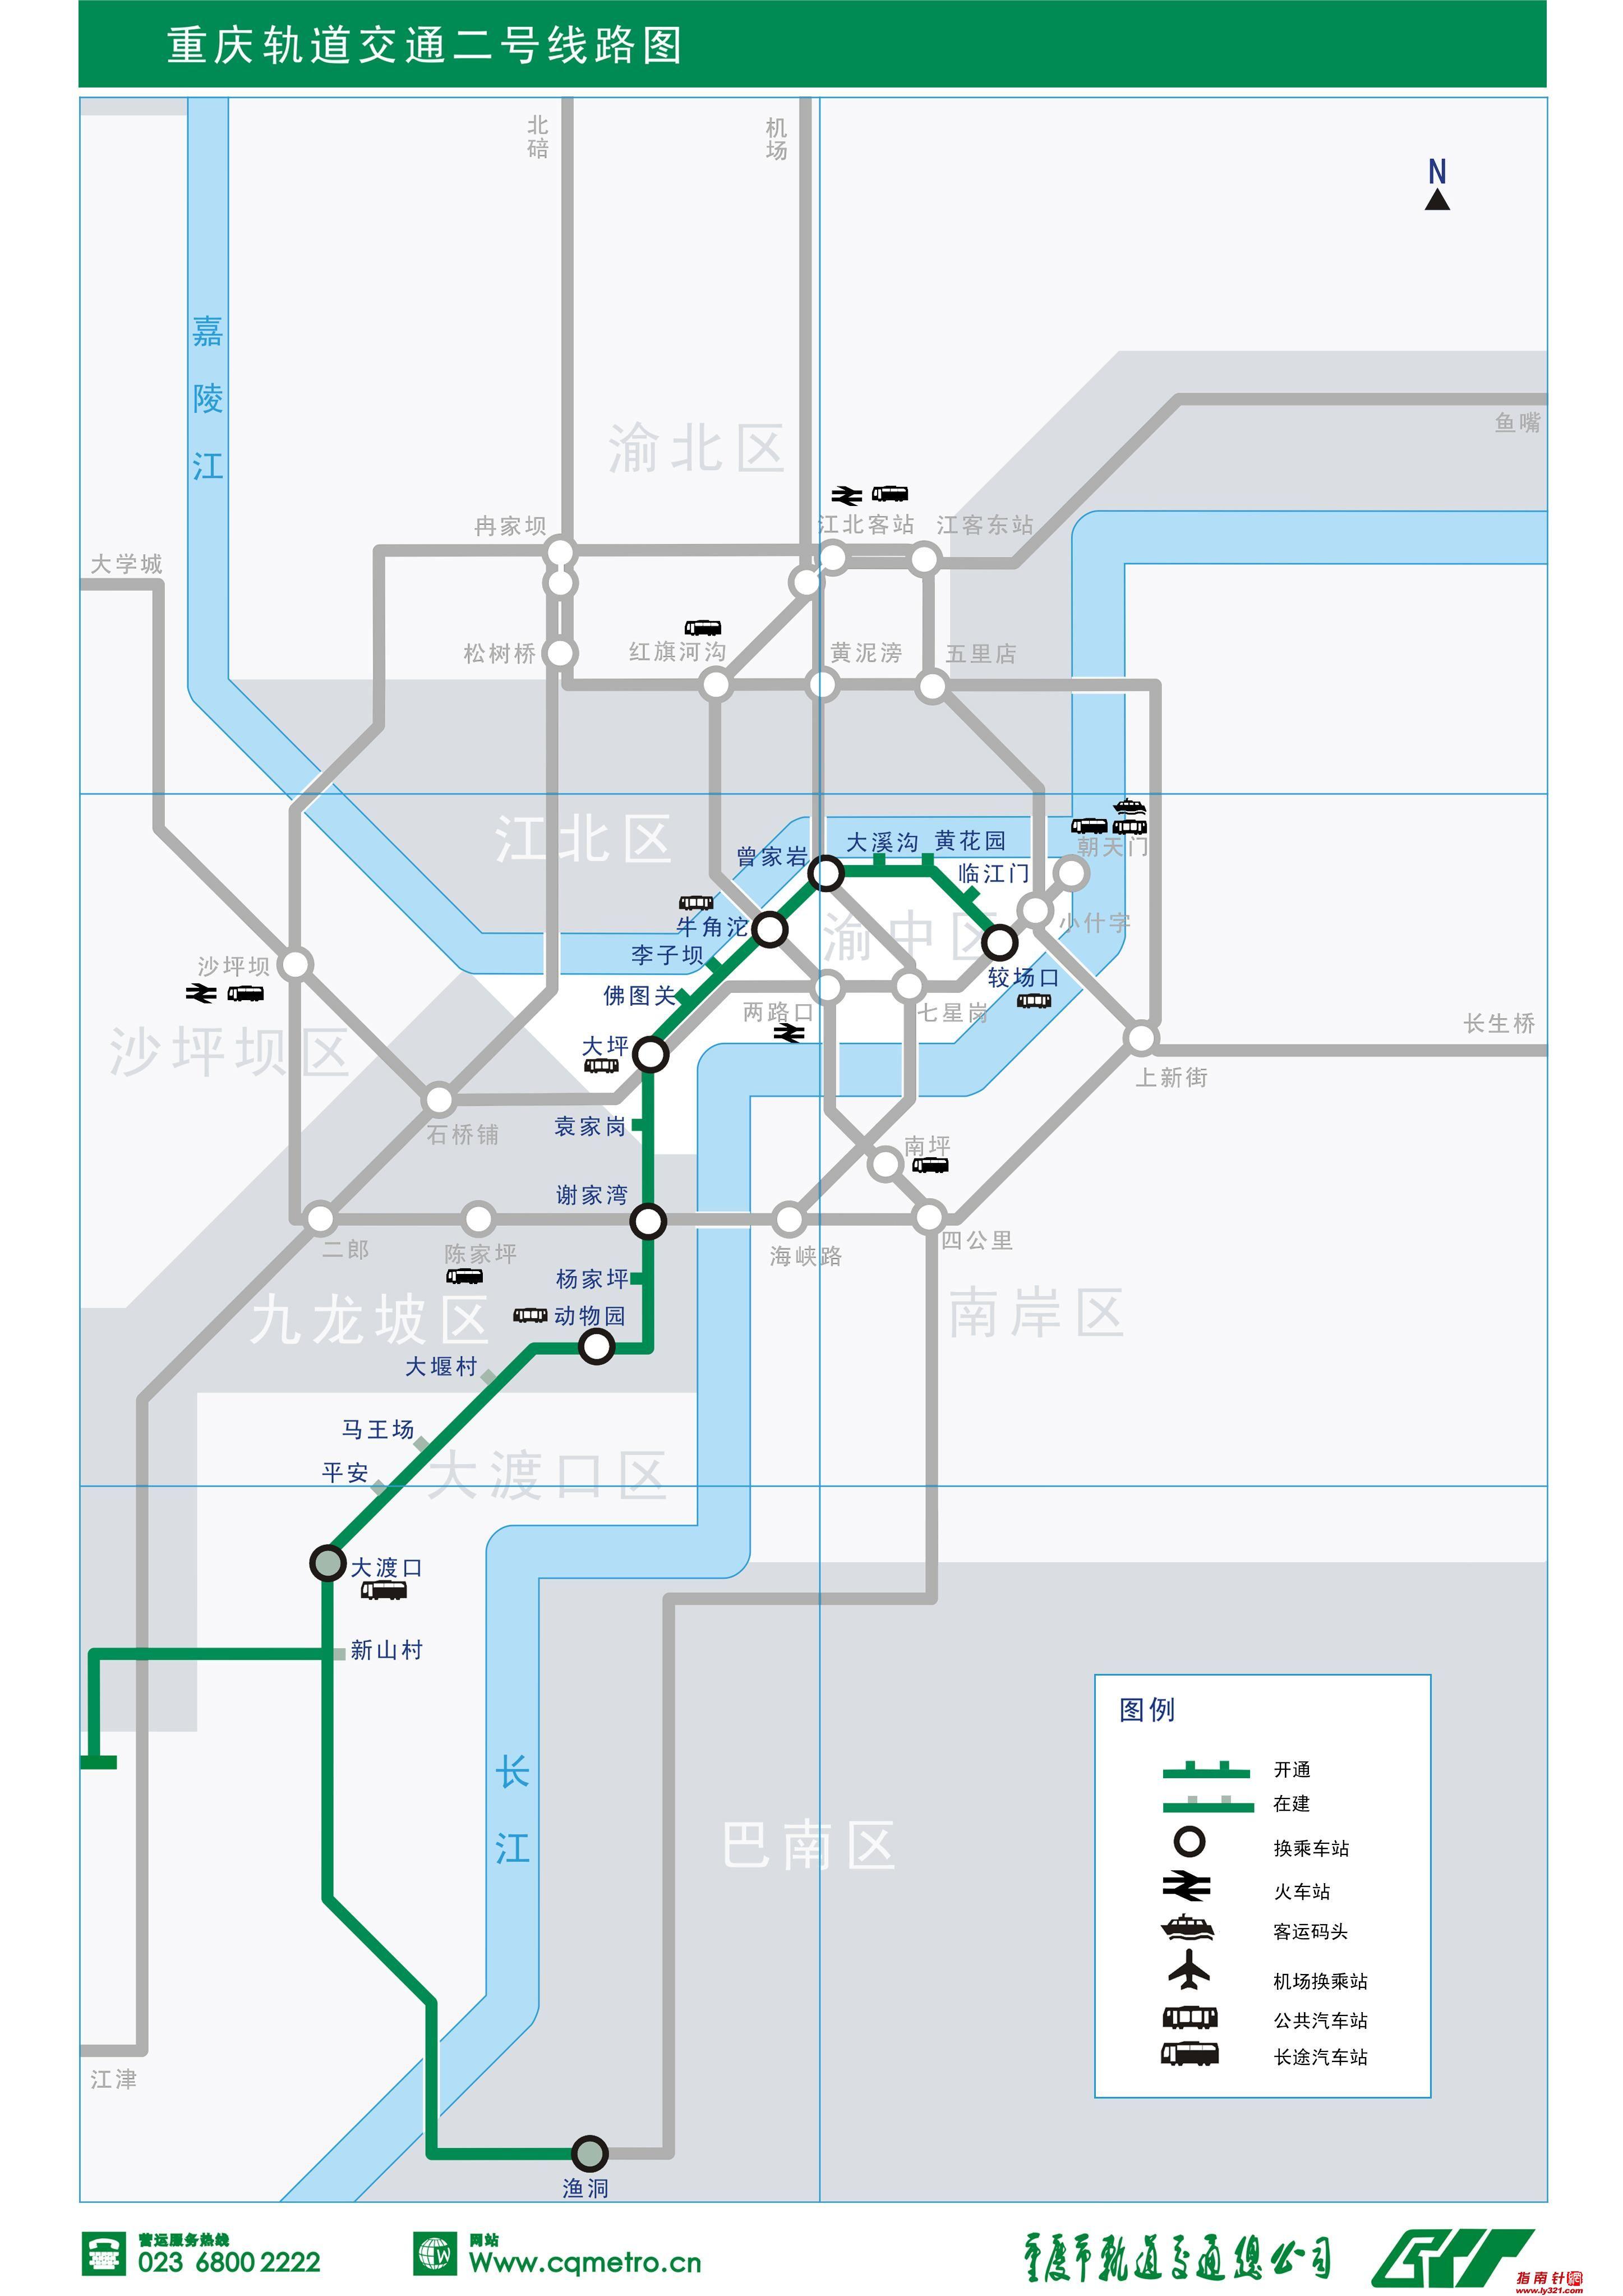 重庆轨道交通二号线线路图